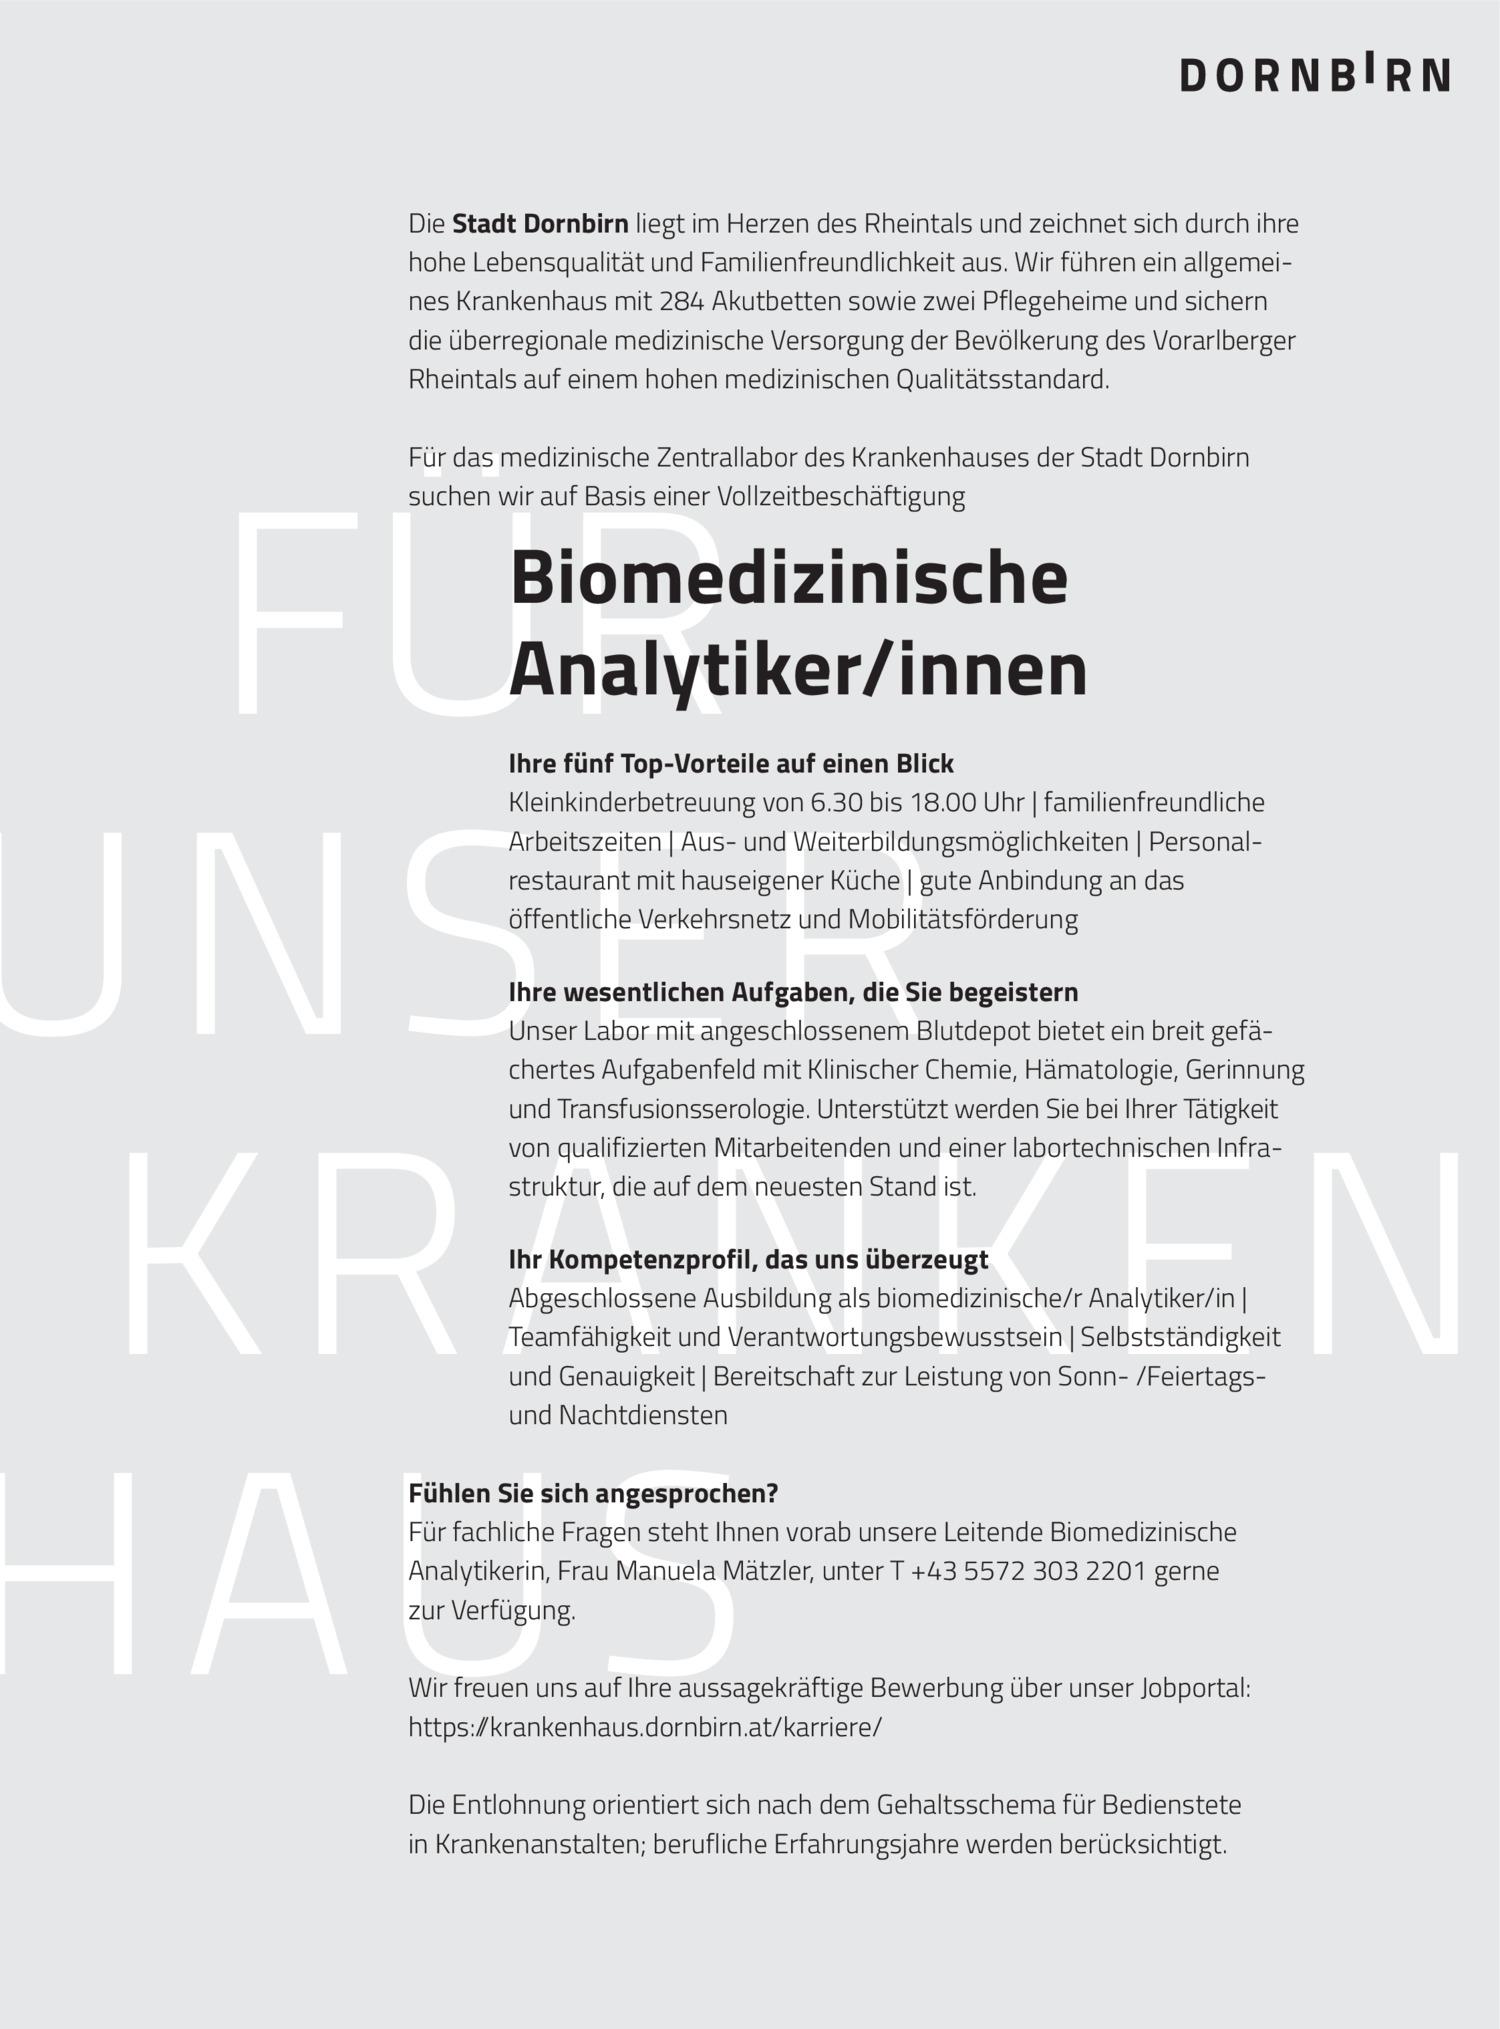 Inserat Biomedizinische Analytiker/innen